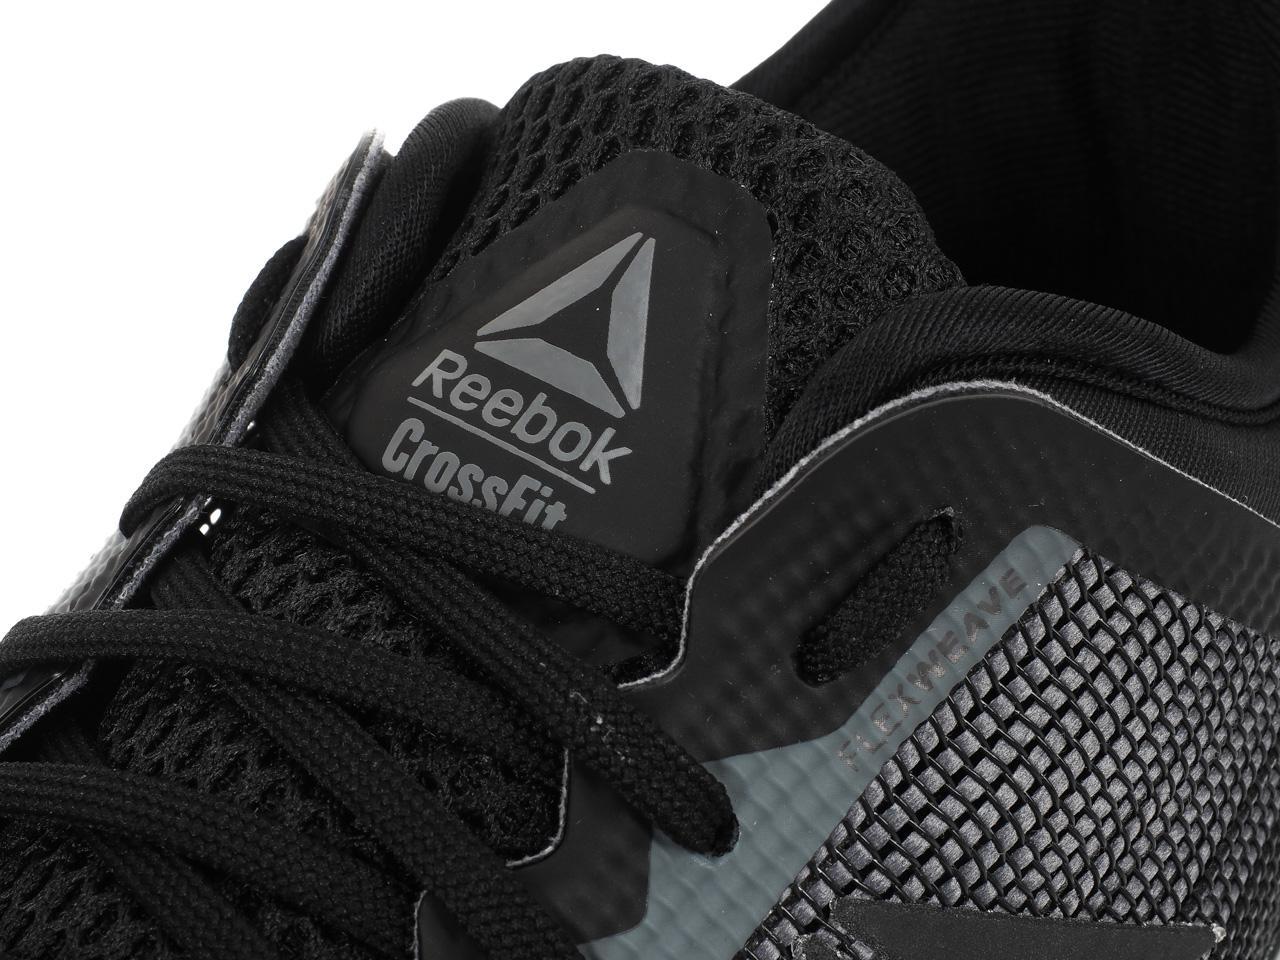 Chaussures fitness Reebok Ros workout tr2.0 blk Noir 57795 - Neuf 7GXCoXLgqA